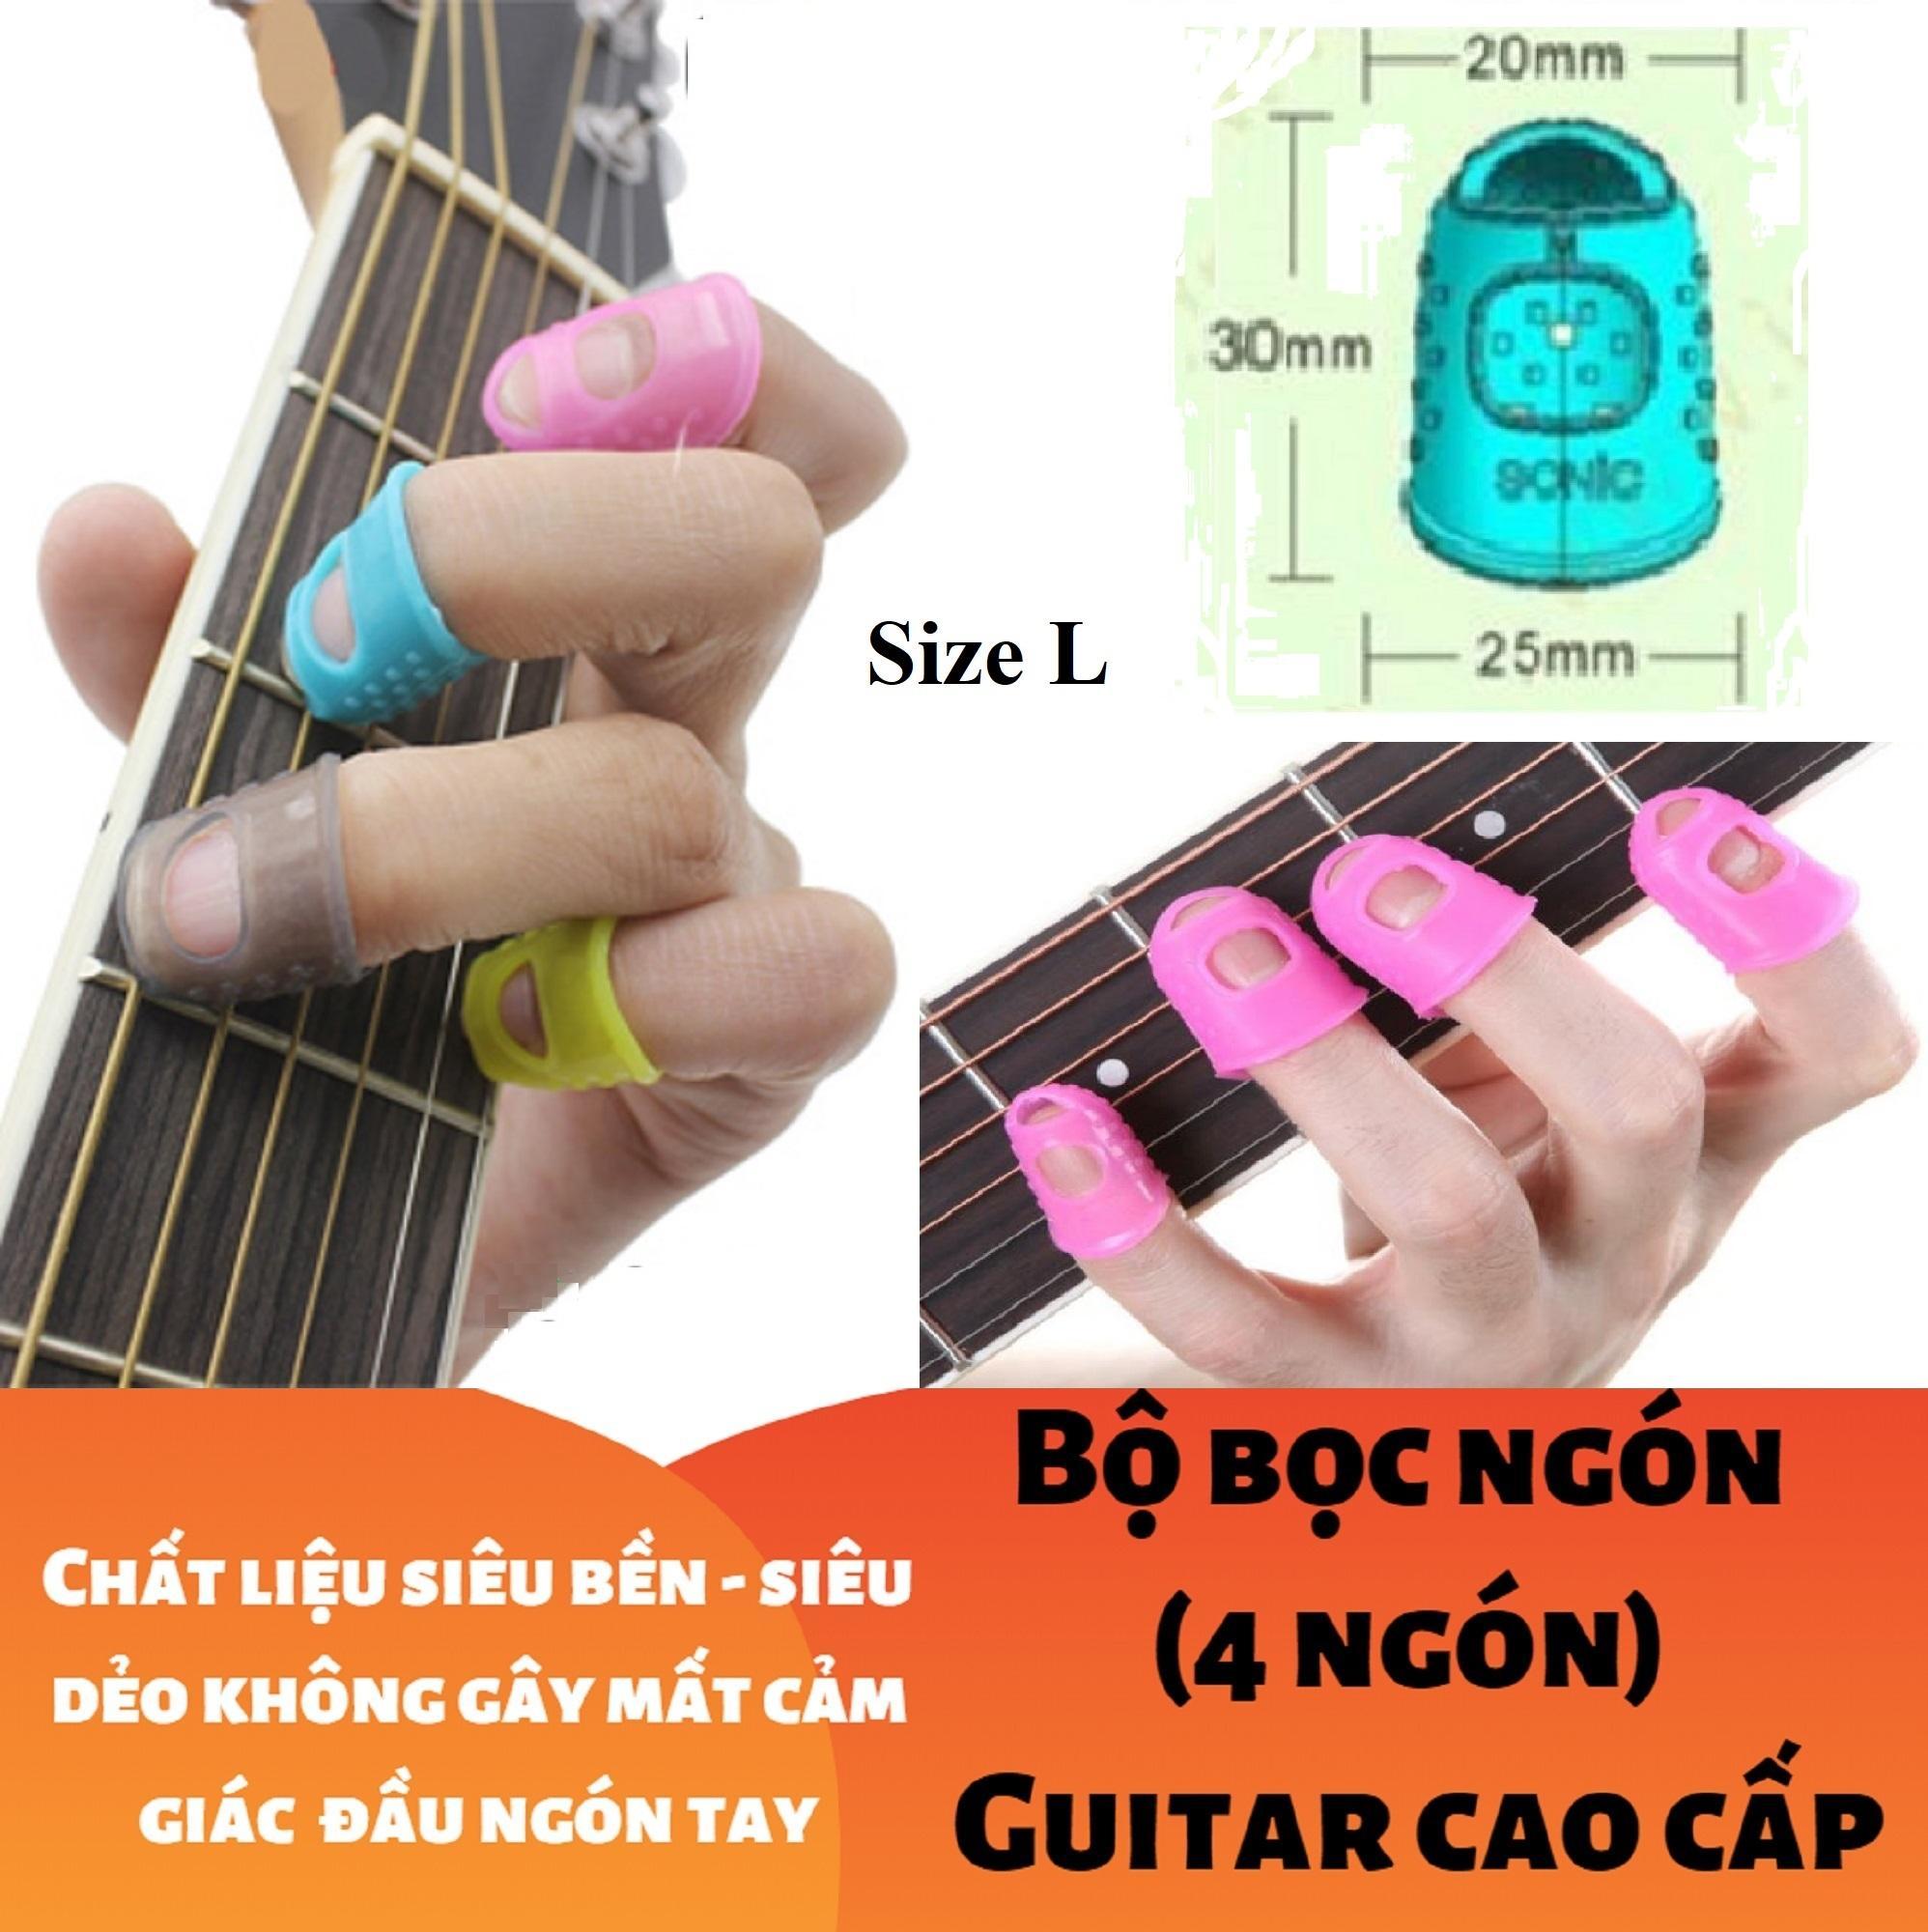 Deal tại Lazada cho (Size L) Bộ 4 Cái Bao, Bọc đầu Ngón Tay Cao Cấp Chống đau đủ Màu Tím Xanh Vàng Trắng Xám Hồng - Guitar - Ghi-ta - Violin - Ukulele - Mandolin - Bảo Vệ đầu Ngón Tay